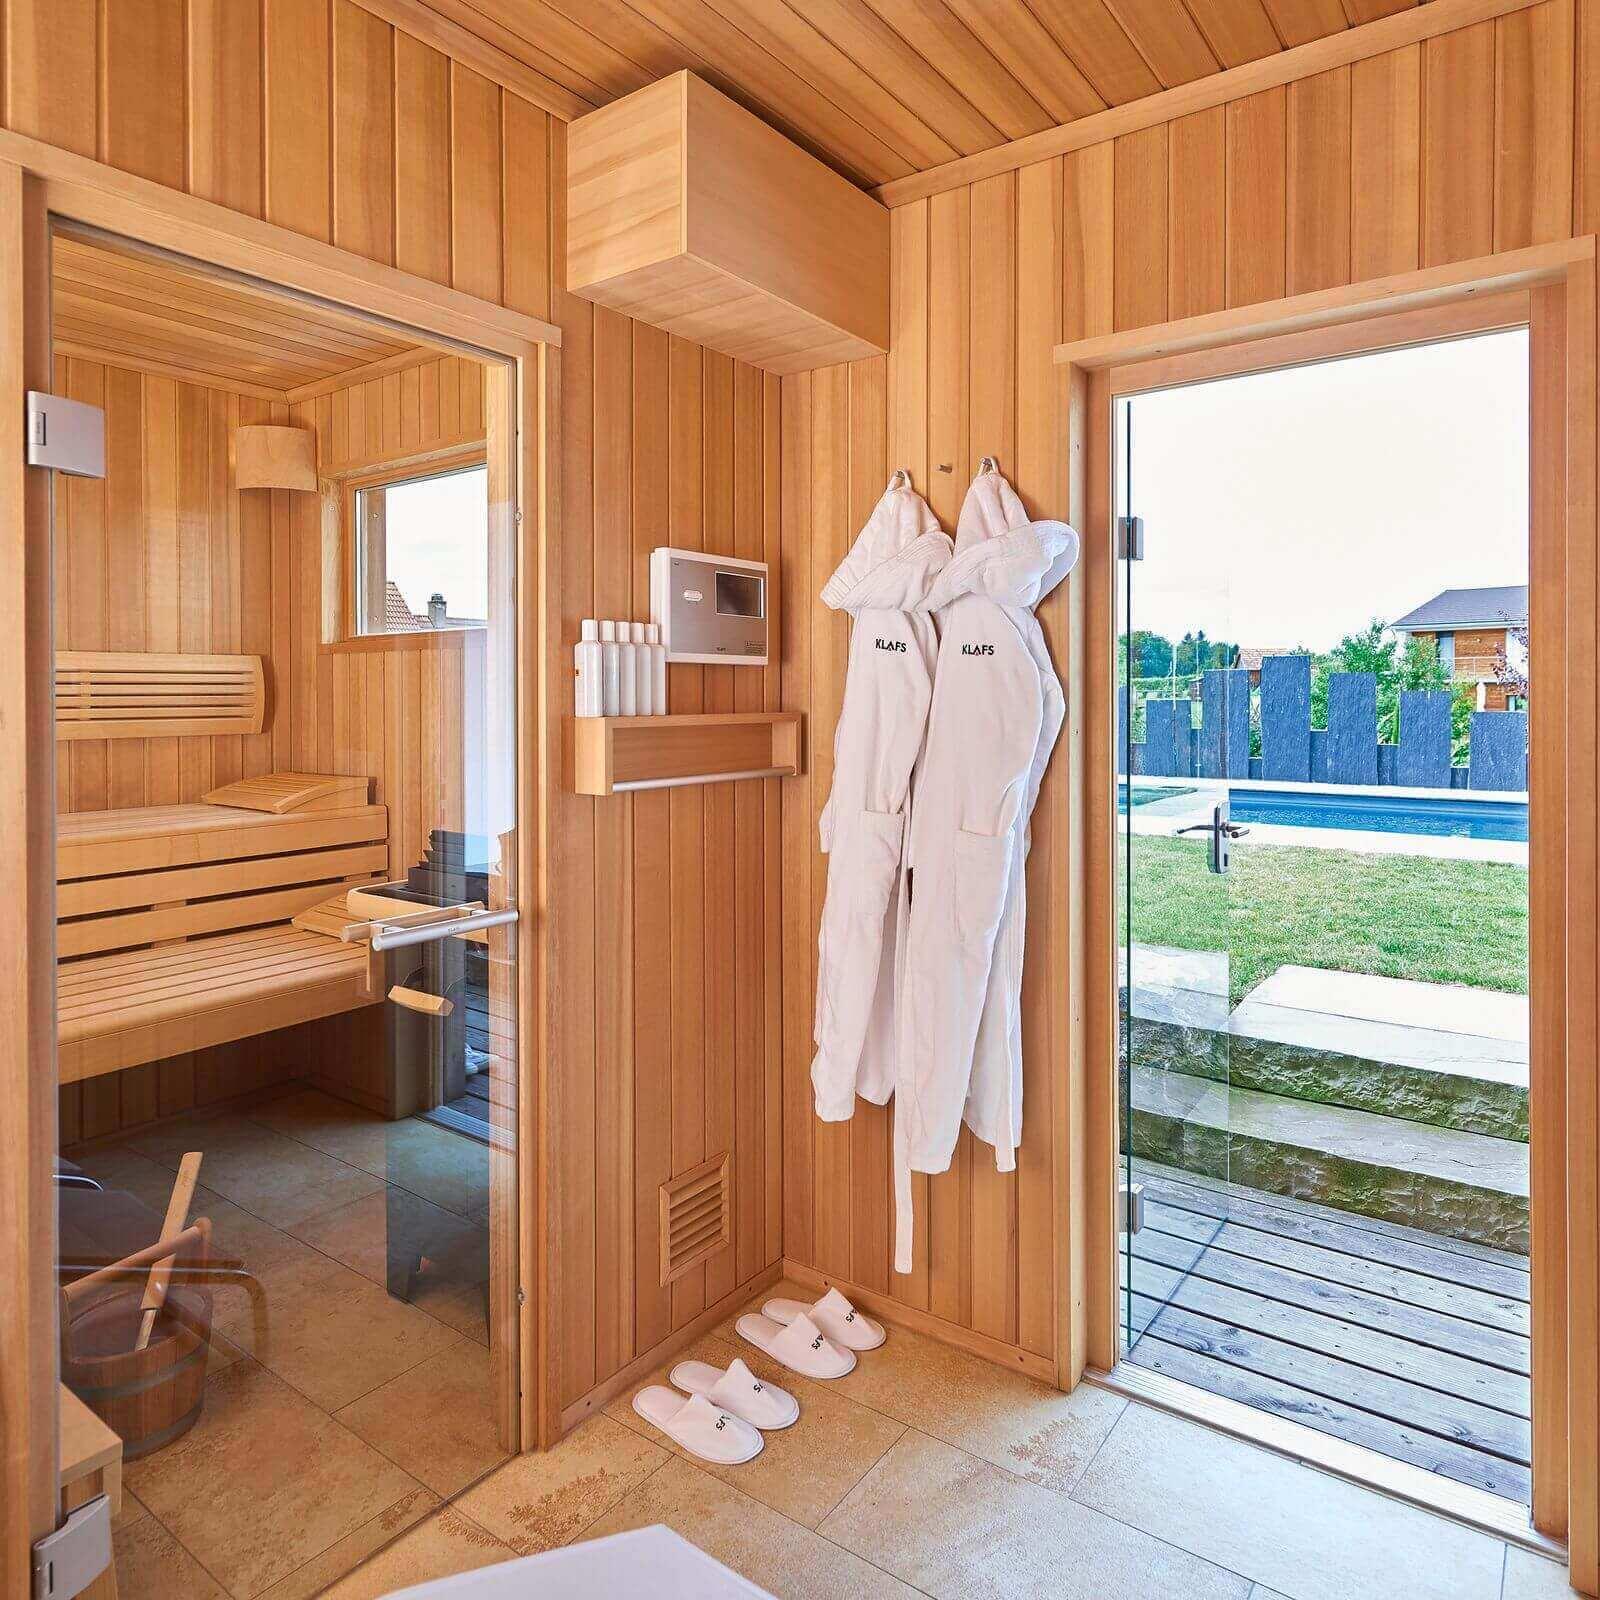 klafs-talo-christina-obergfoell-sauna